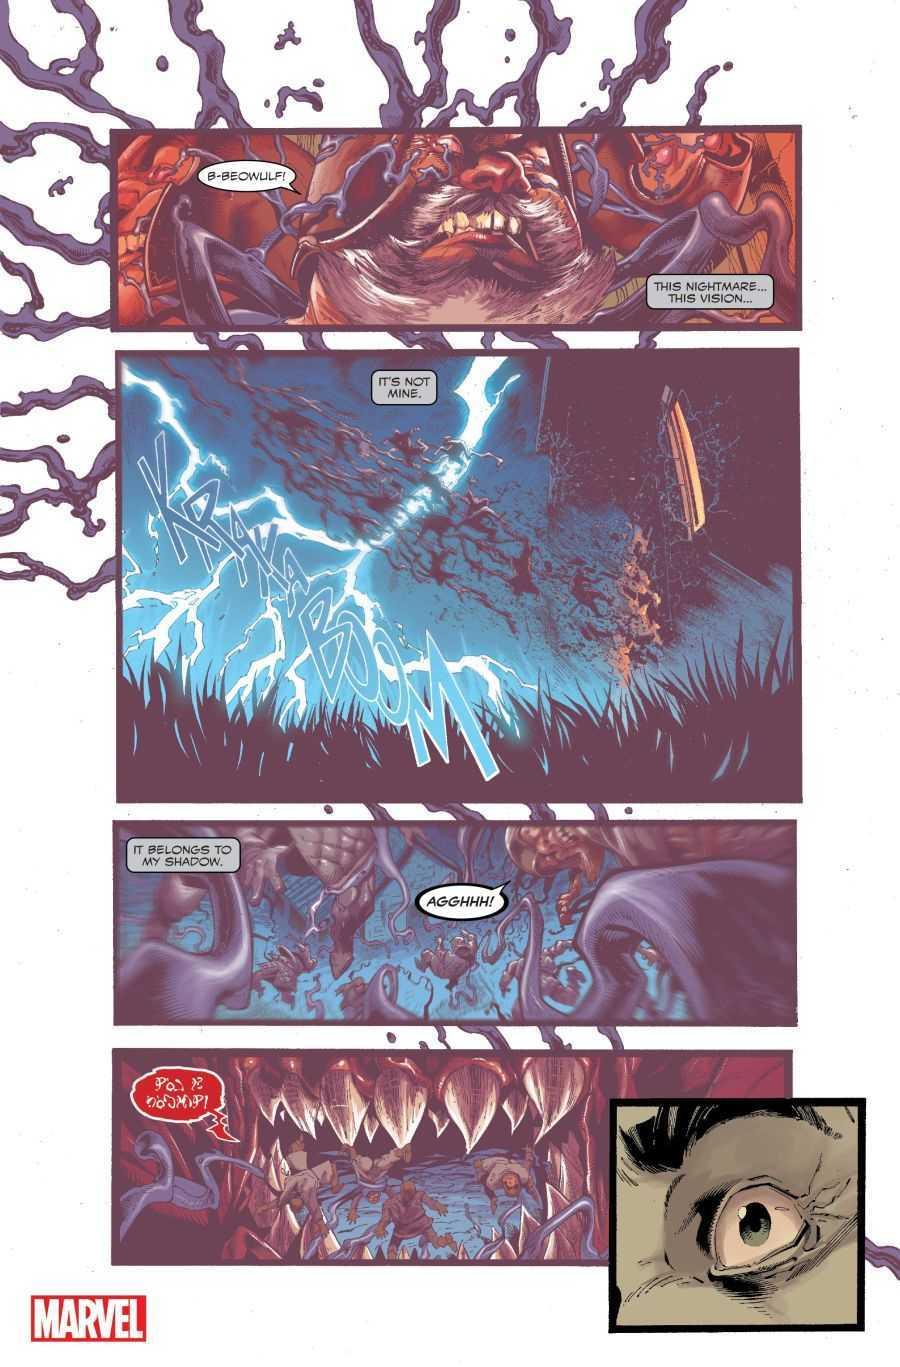 Venom #1, anteprima 02